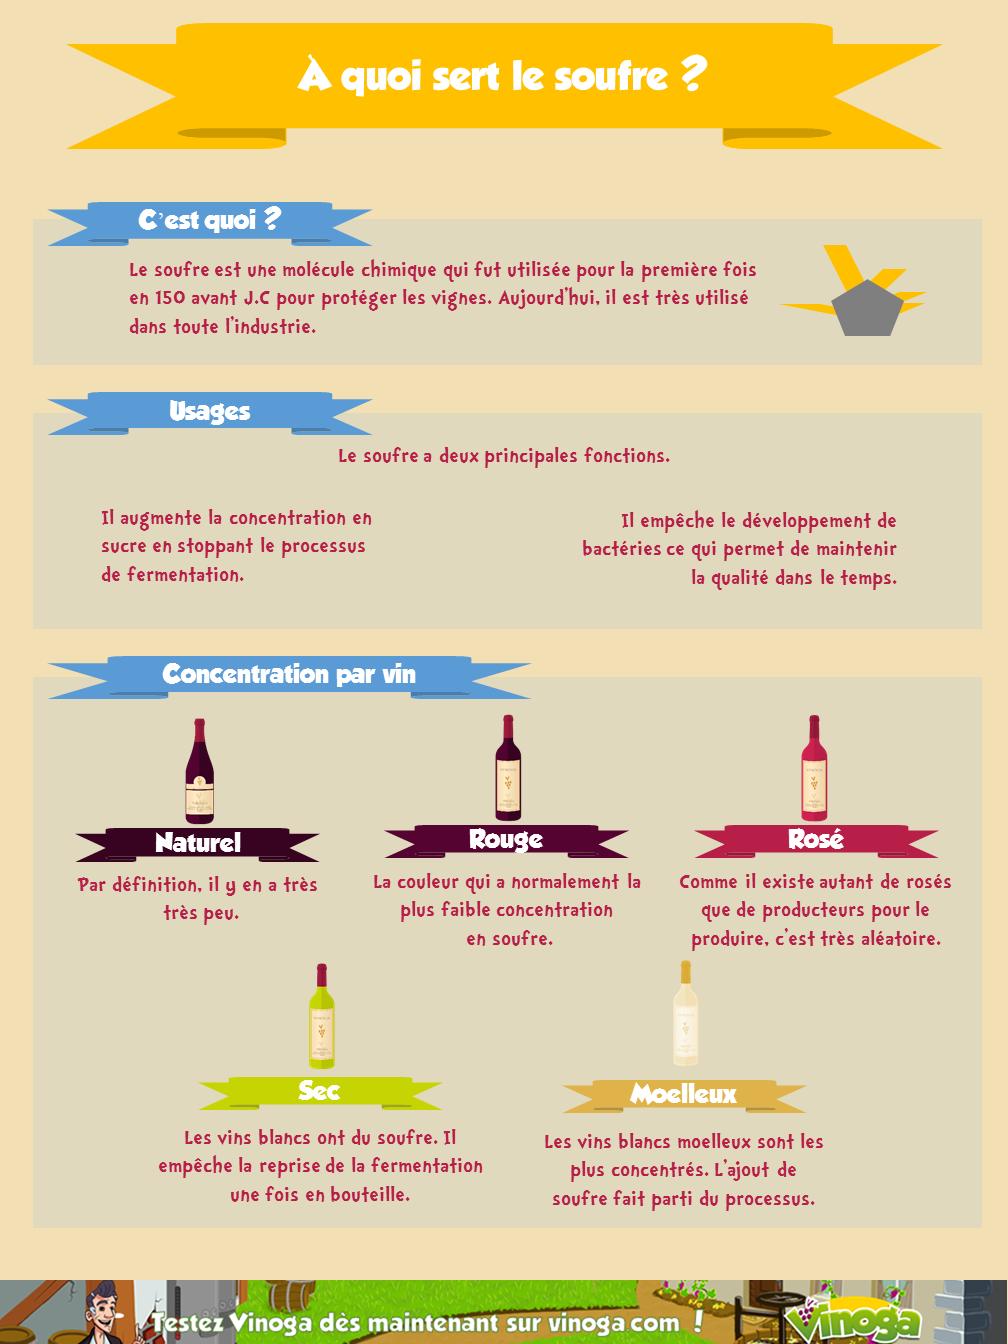 Il Est Tres Souvent Decrie Et Responsable De Vos Maux De Tete Mais A Quoi Sert Le Soufre Dans Le Vin Vins Et Spiritueux Vin Bon Vin